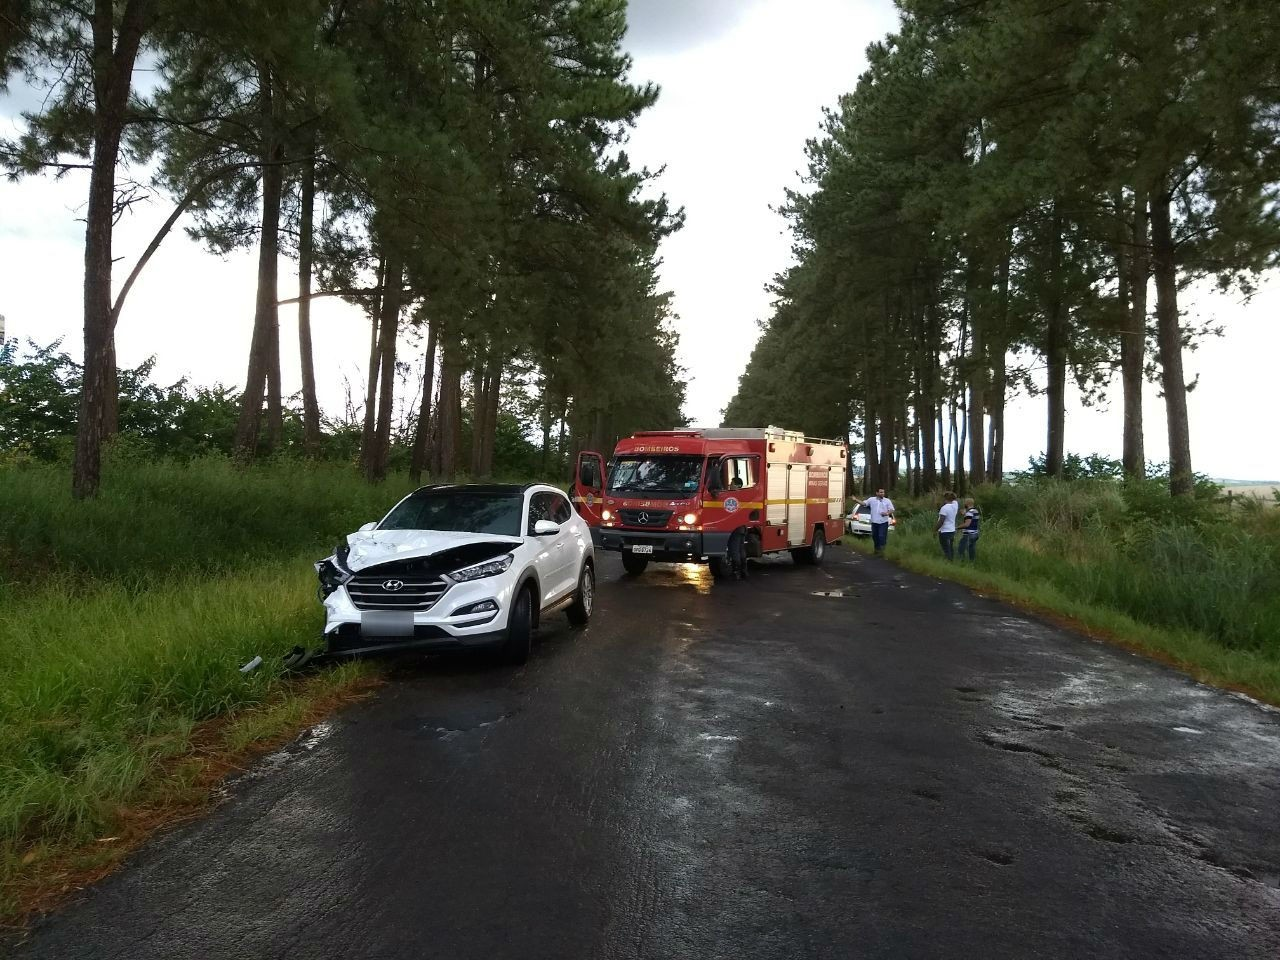 Morrem criança e jovem vítimas de acidente em rodovia de Uberlândia